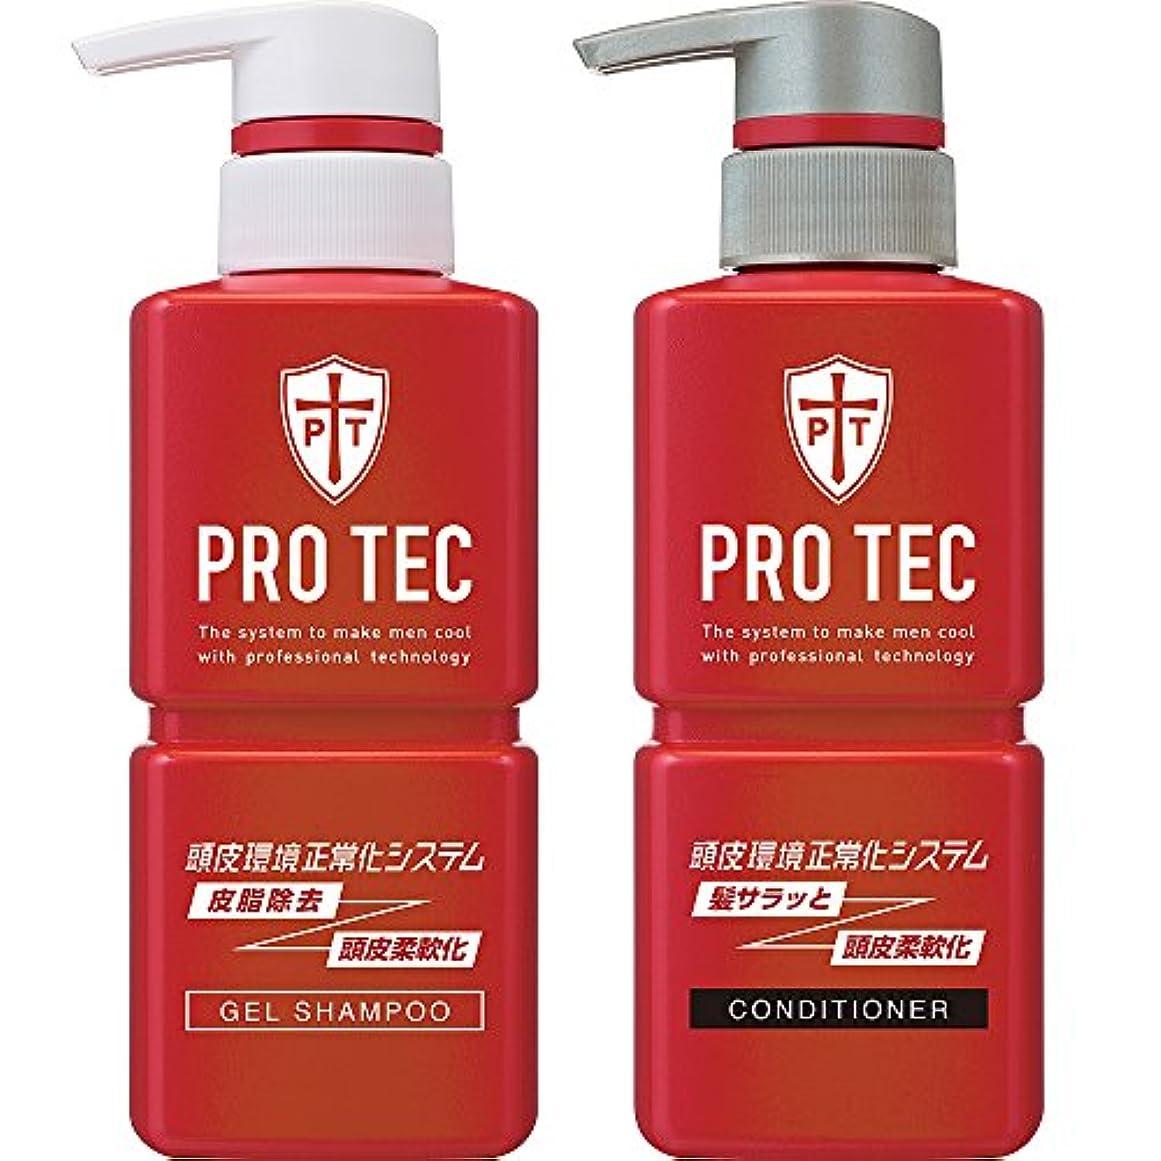 交換闇警戒PRO TEC(プロテク) 頭皮ストレッチ シャンプー ポンプ 300g(医薬部外品)+ コンディショナー ポンプ 300g